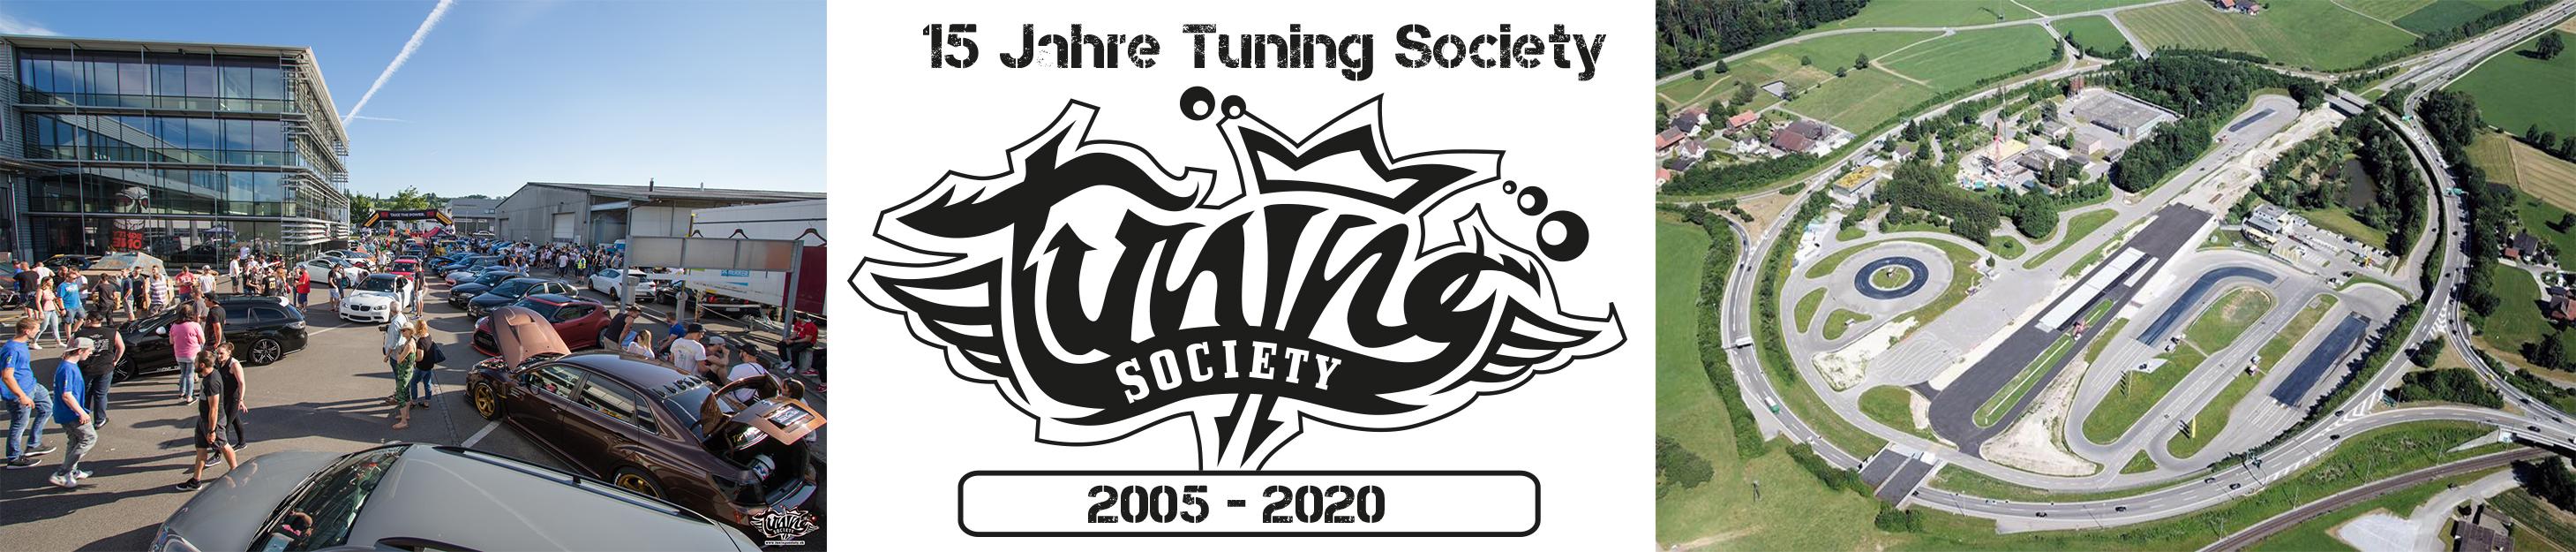 Tuning Society